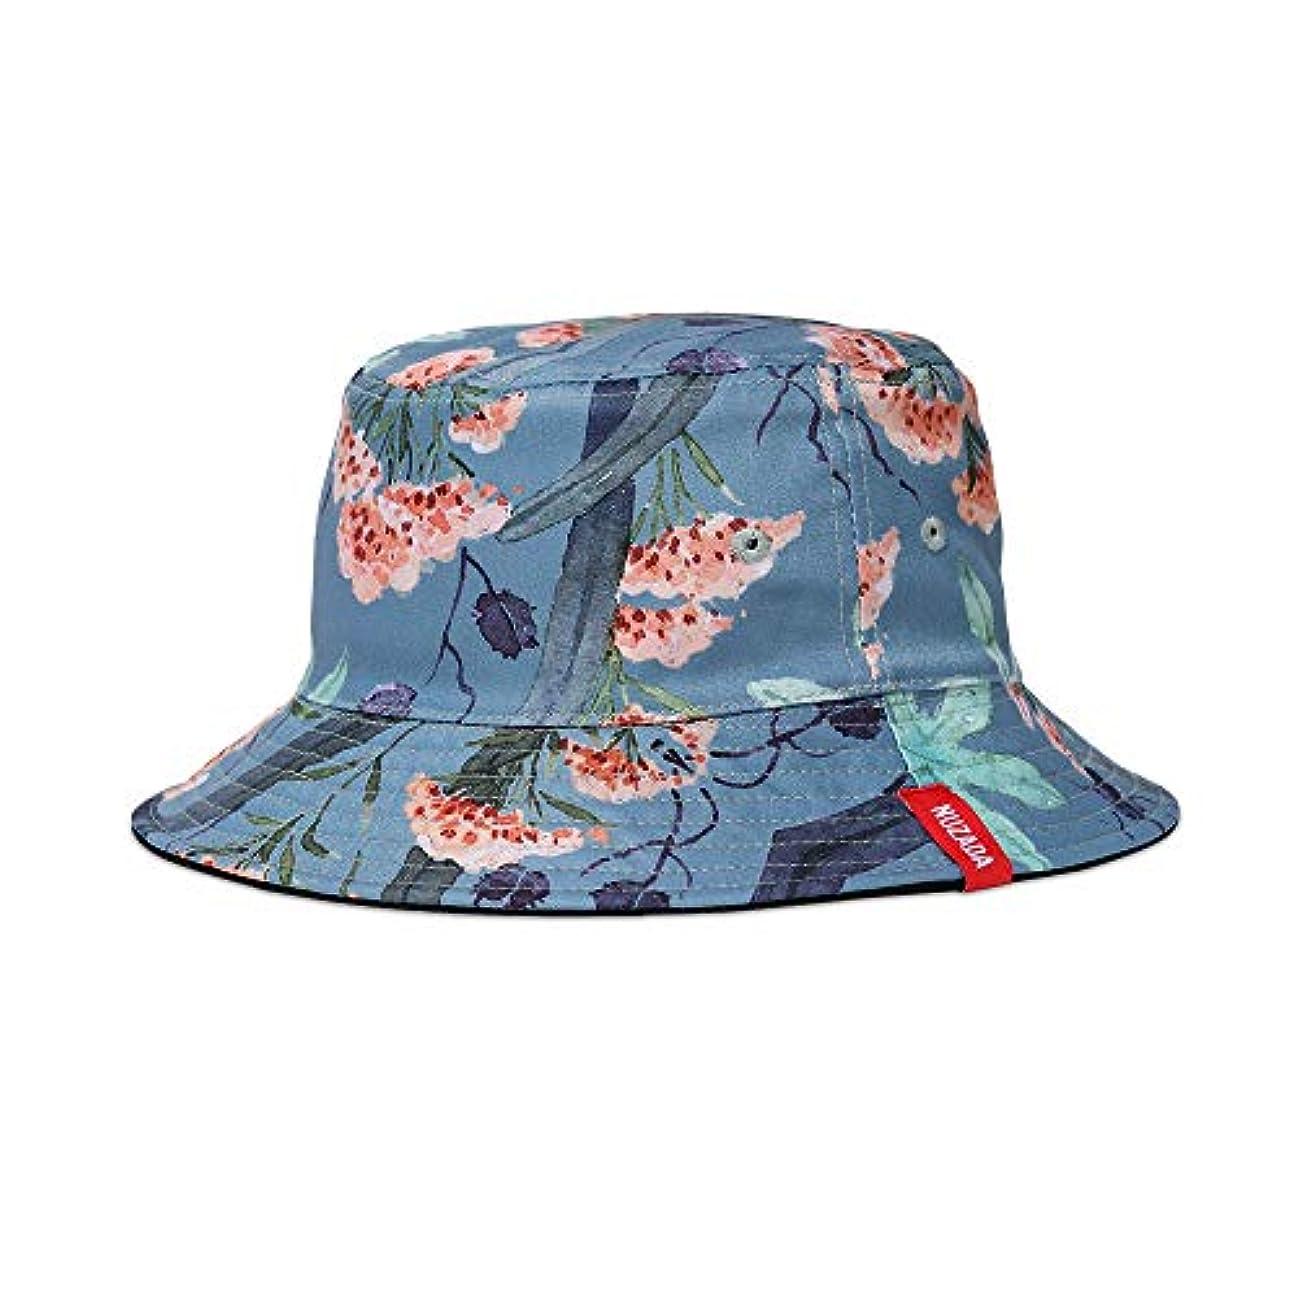 自然回路カビFishtravel キャップ バケットハット 帽子 の サン バイザー メンズ レディース かわいい おしゃれ 釣り 登山 旅行 海外 夏